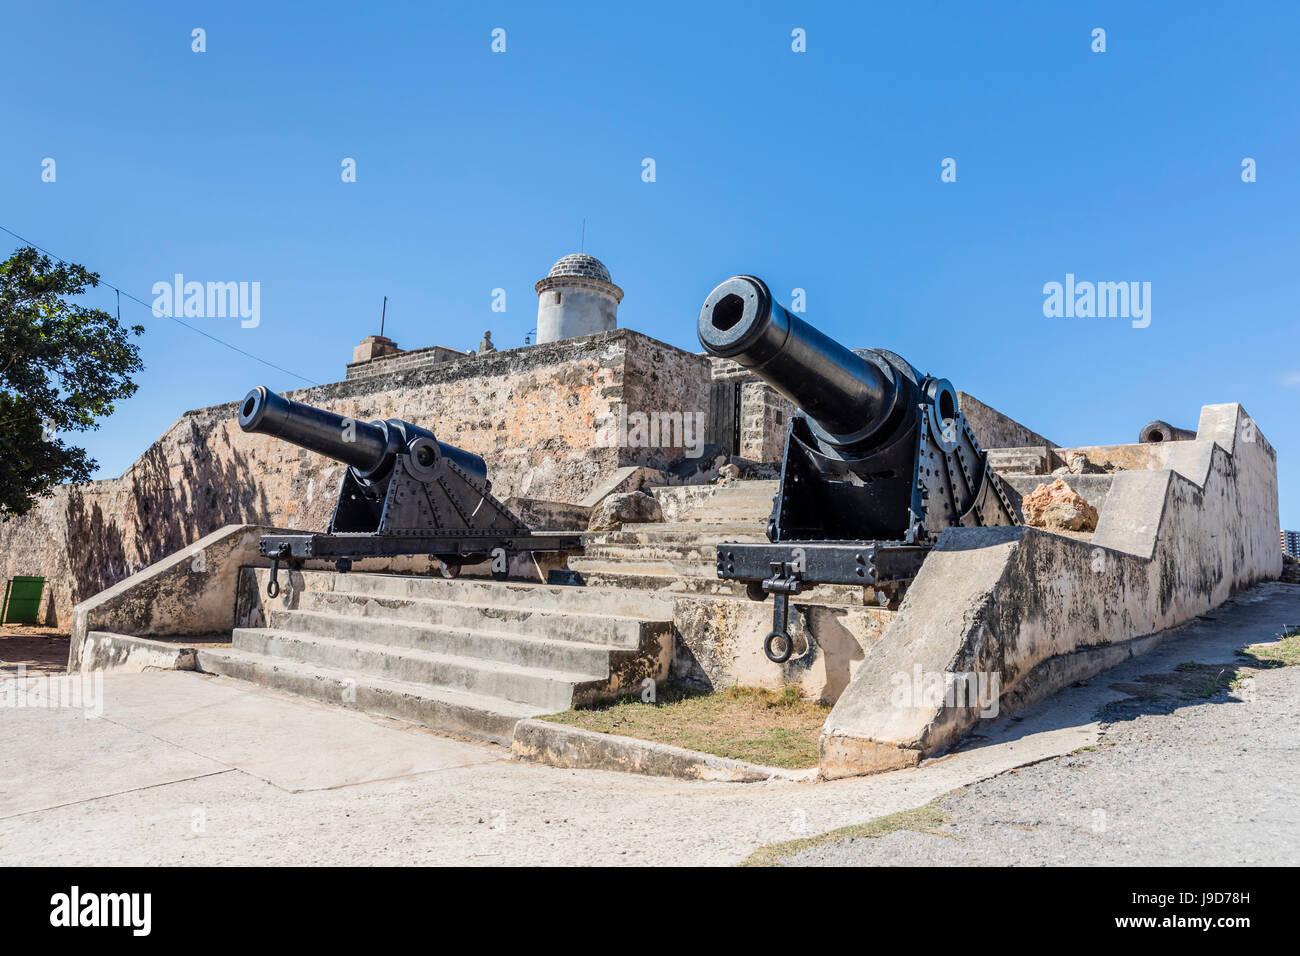 Le Castillo de Jagua, fort érigé en 1742 par le roi Philippe V d'Espagne, près de Cienfuegos, Photo Stock